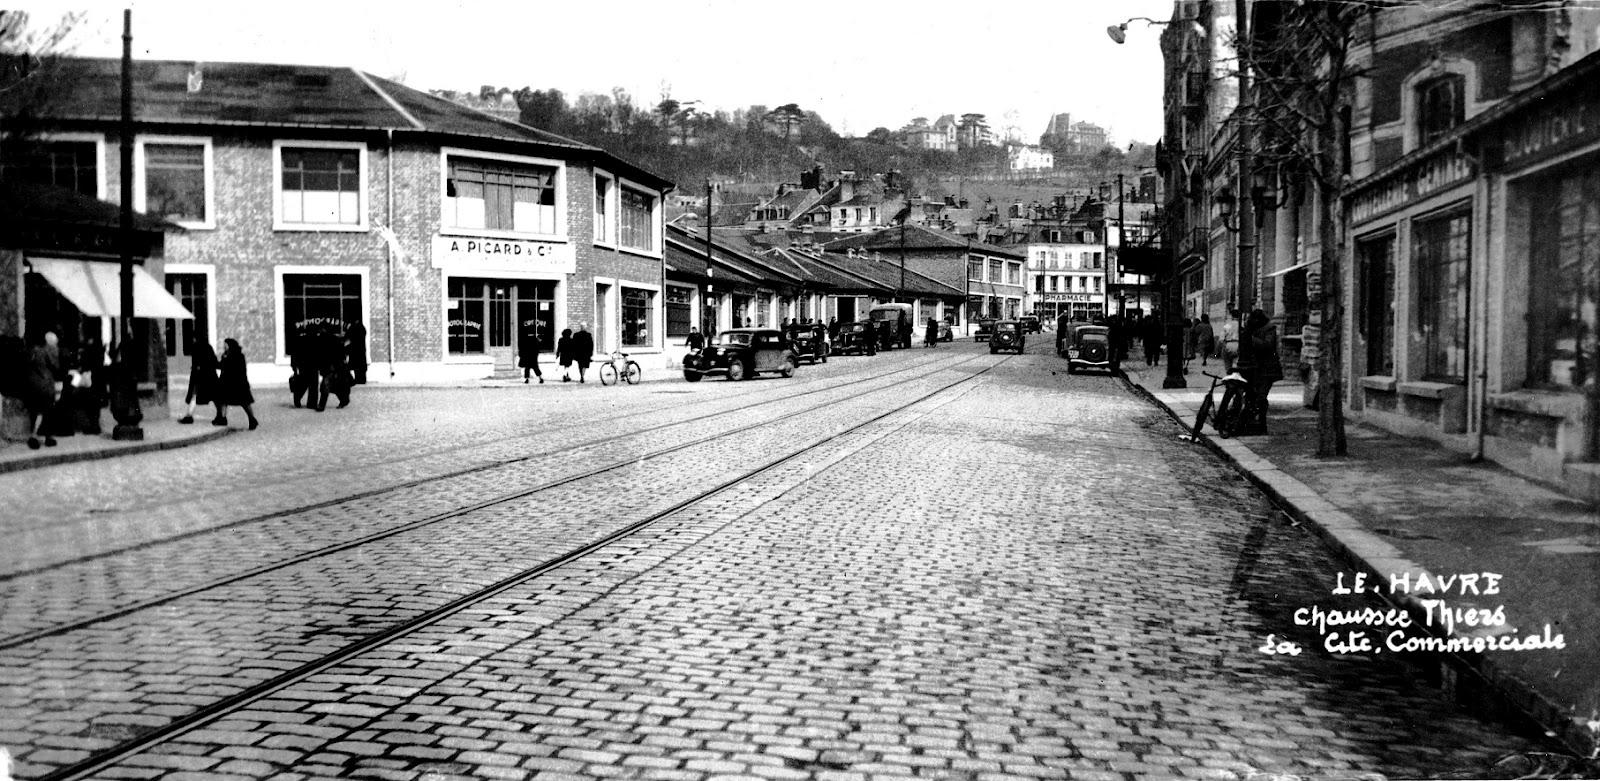 Photos historiques du réseau havrais (bus, tram, funi...) - Page 8 Cit%C3%A9+commerciale+Presse-Havraise+-+Cit%C3%A9+Thiers+002